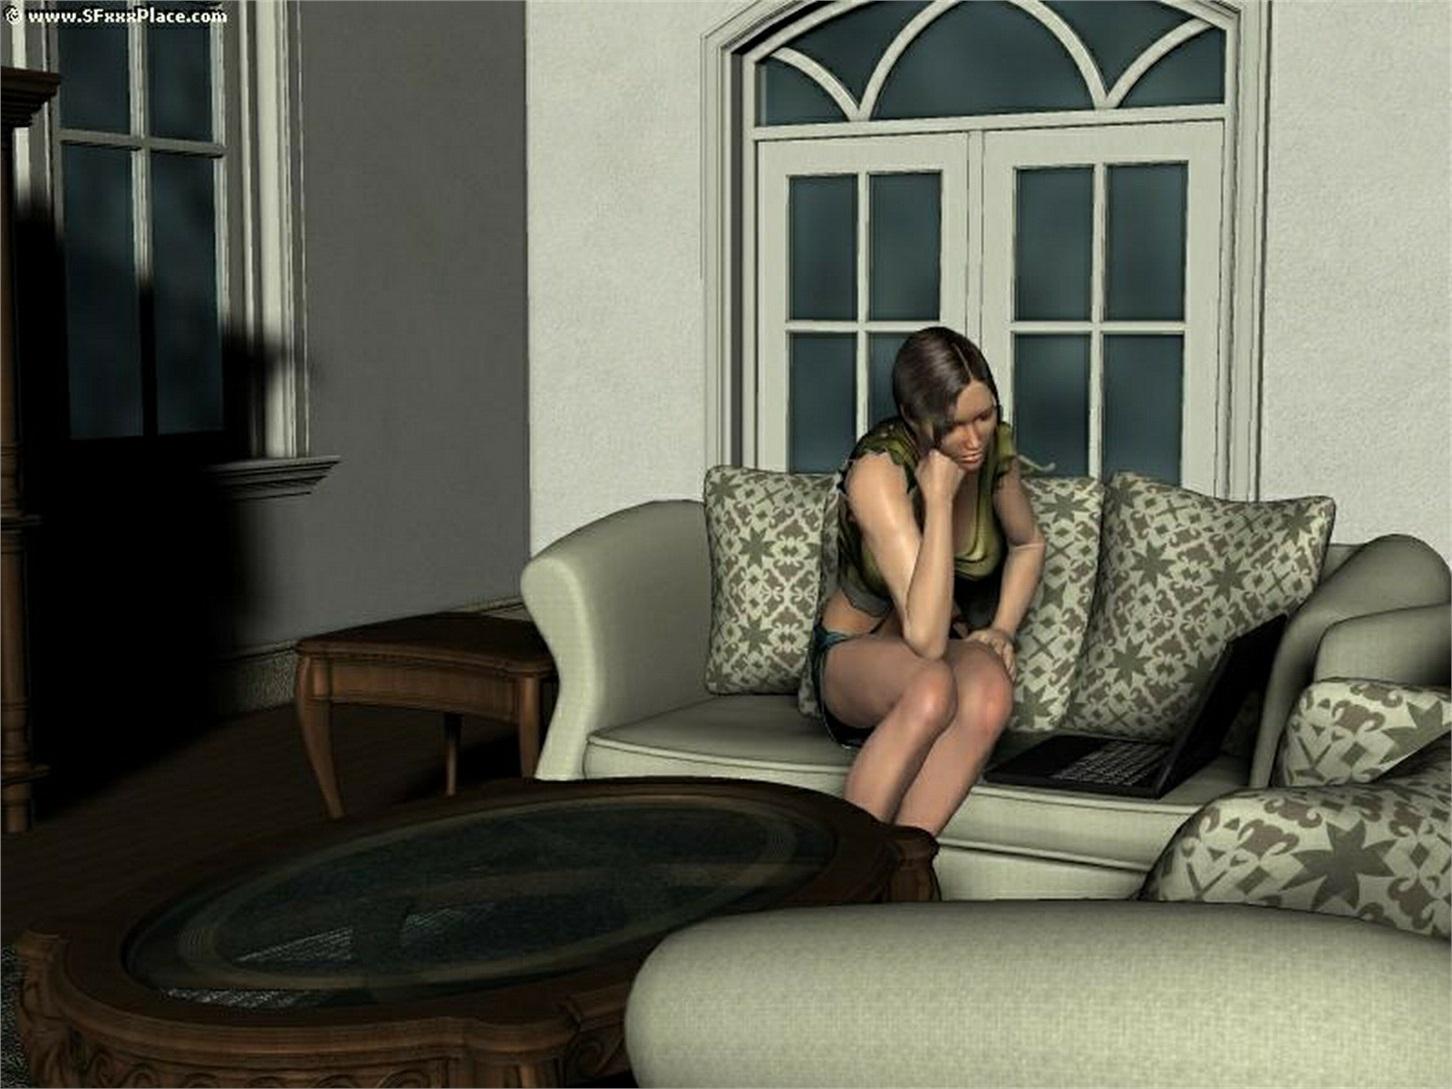 Svarog- Sexplorer Justin Time image 1